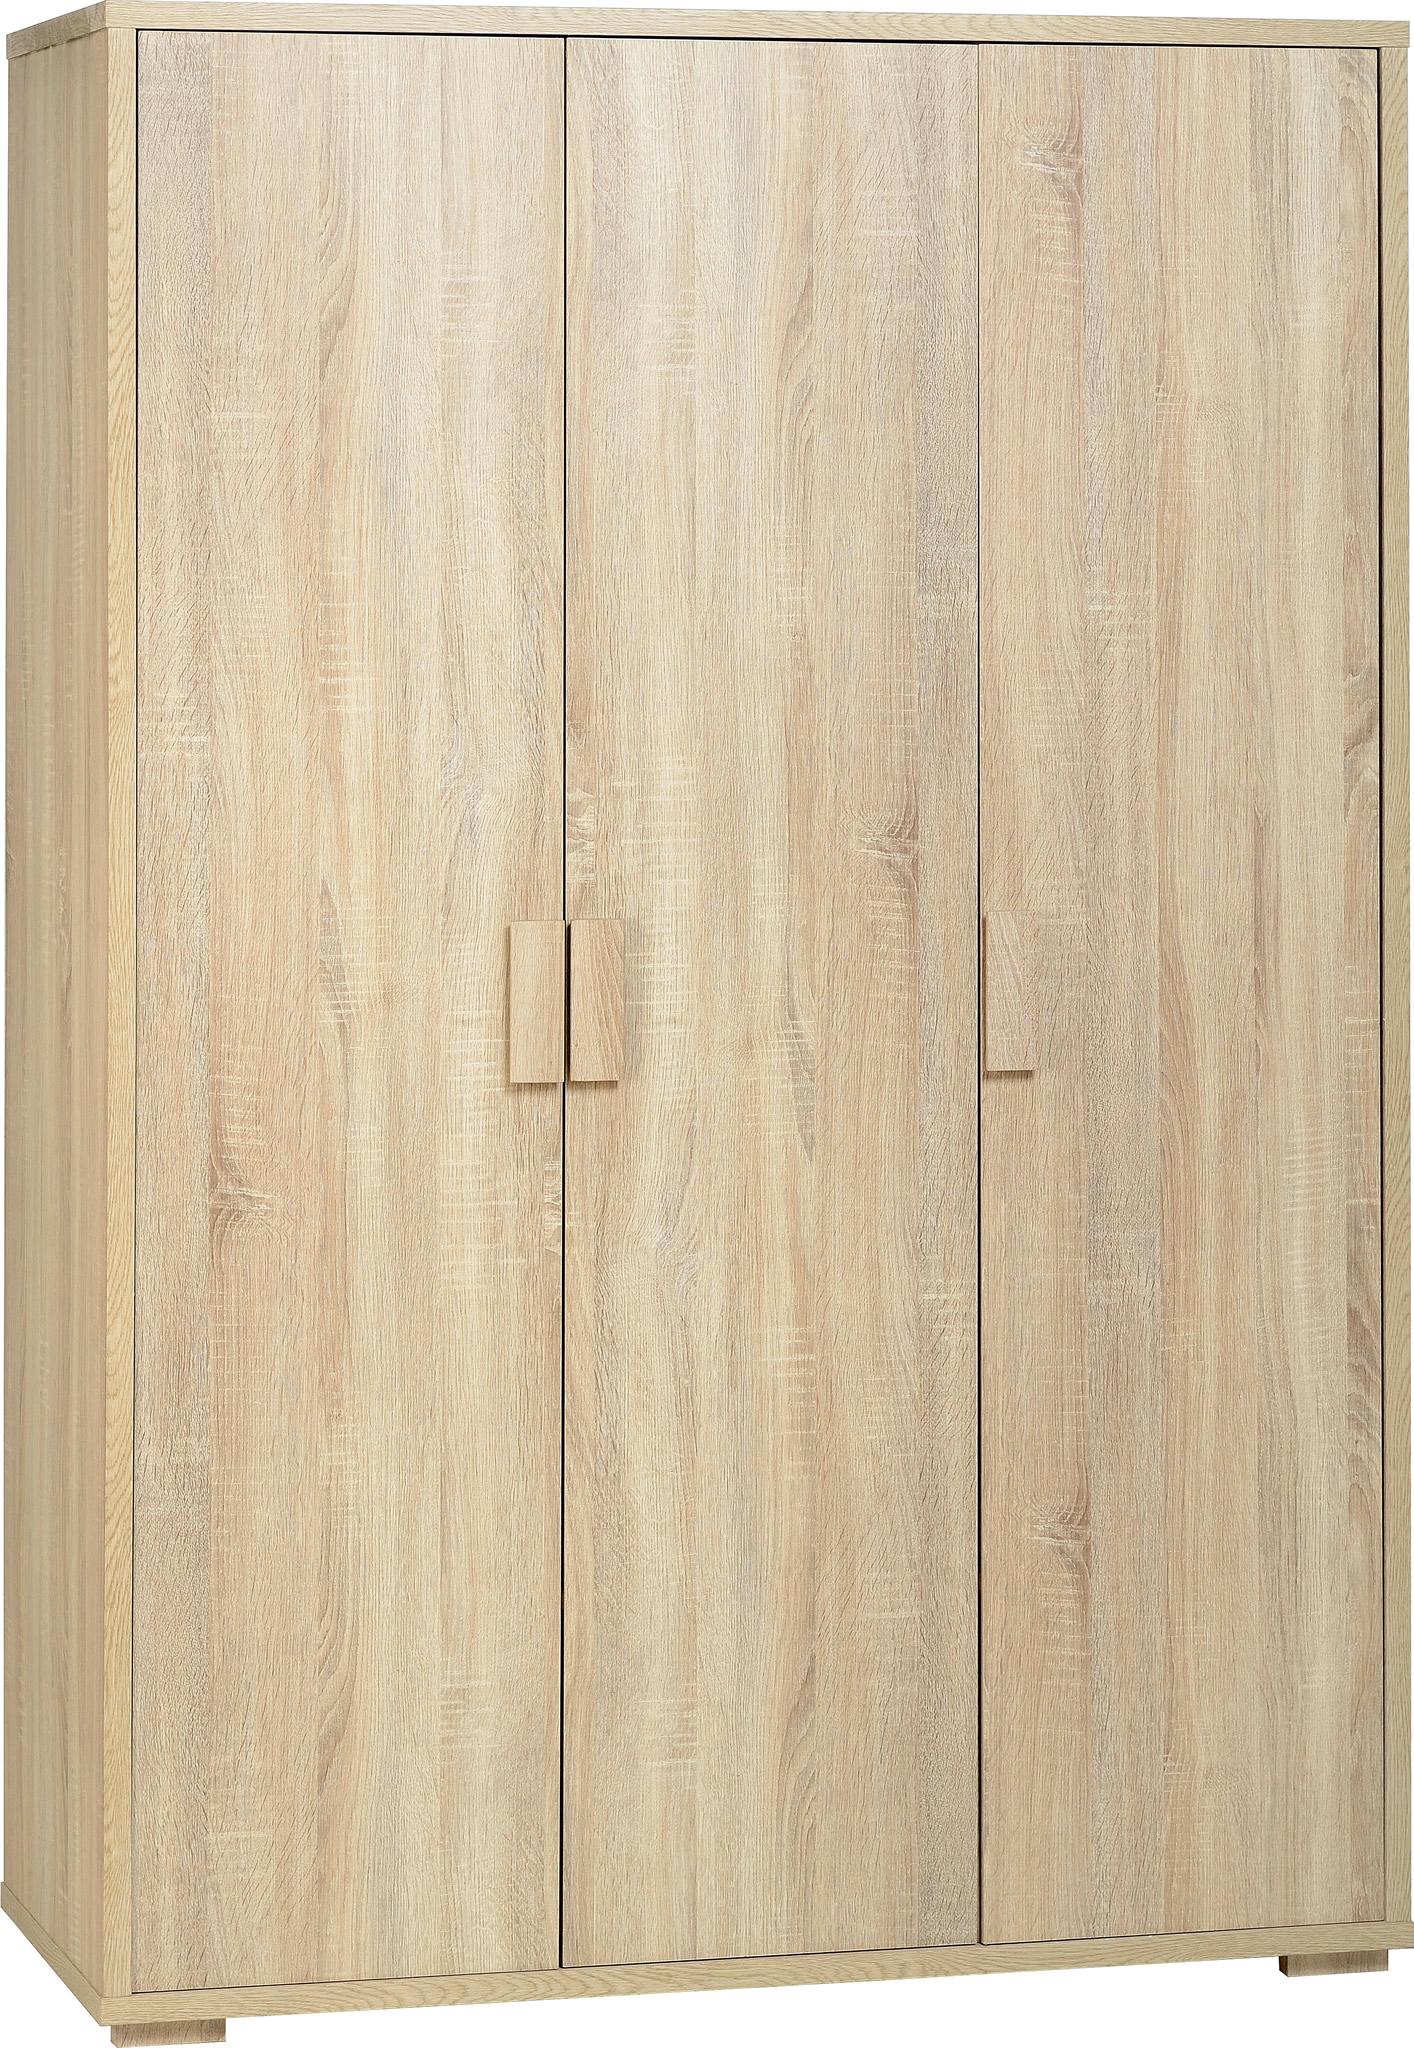 Cambourne 3 Door Wardrobe